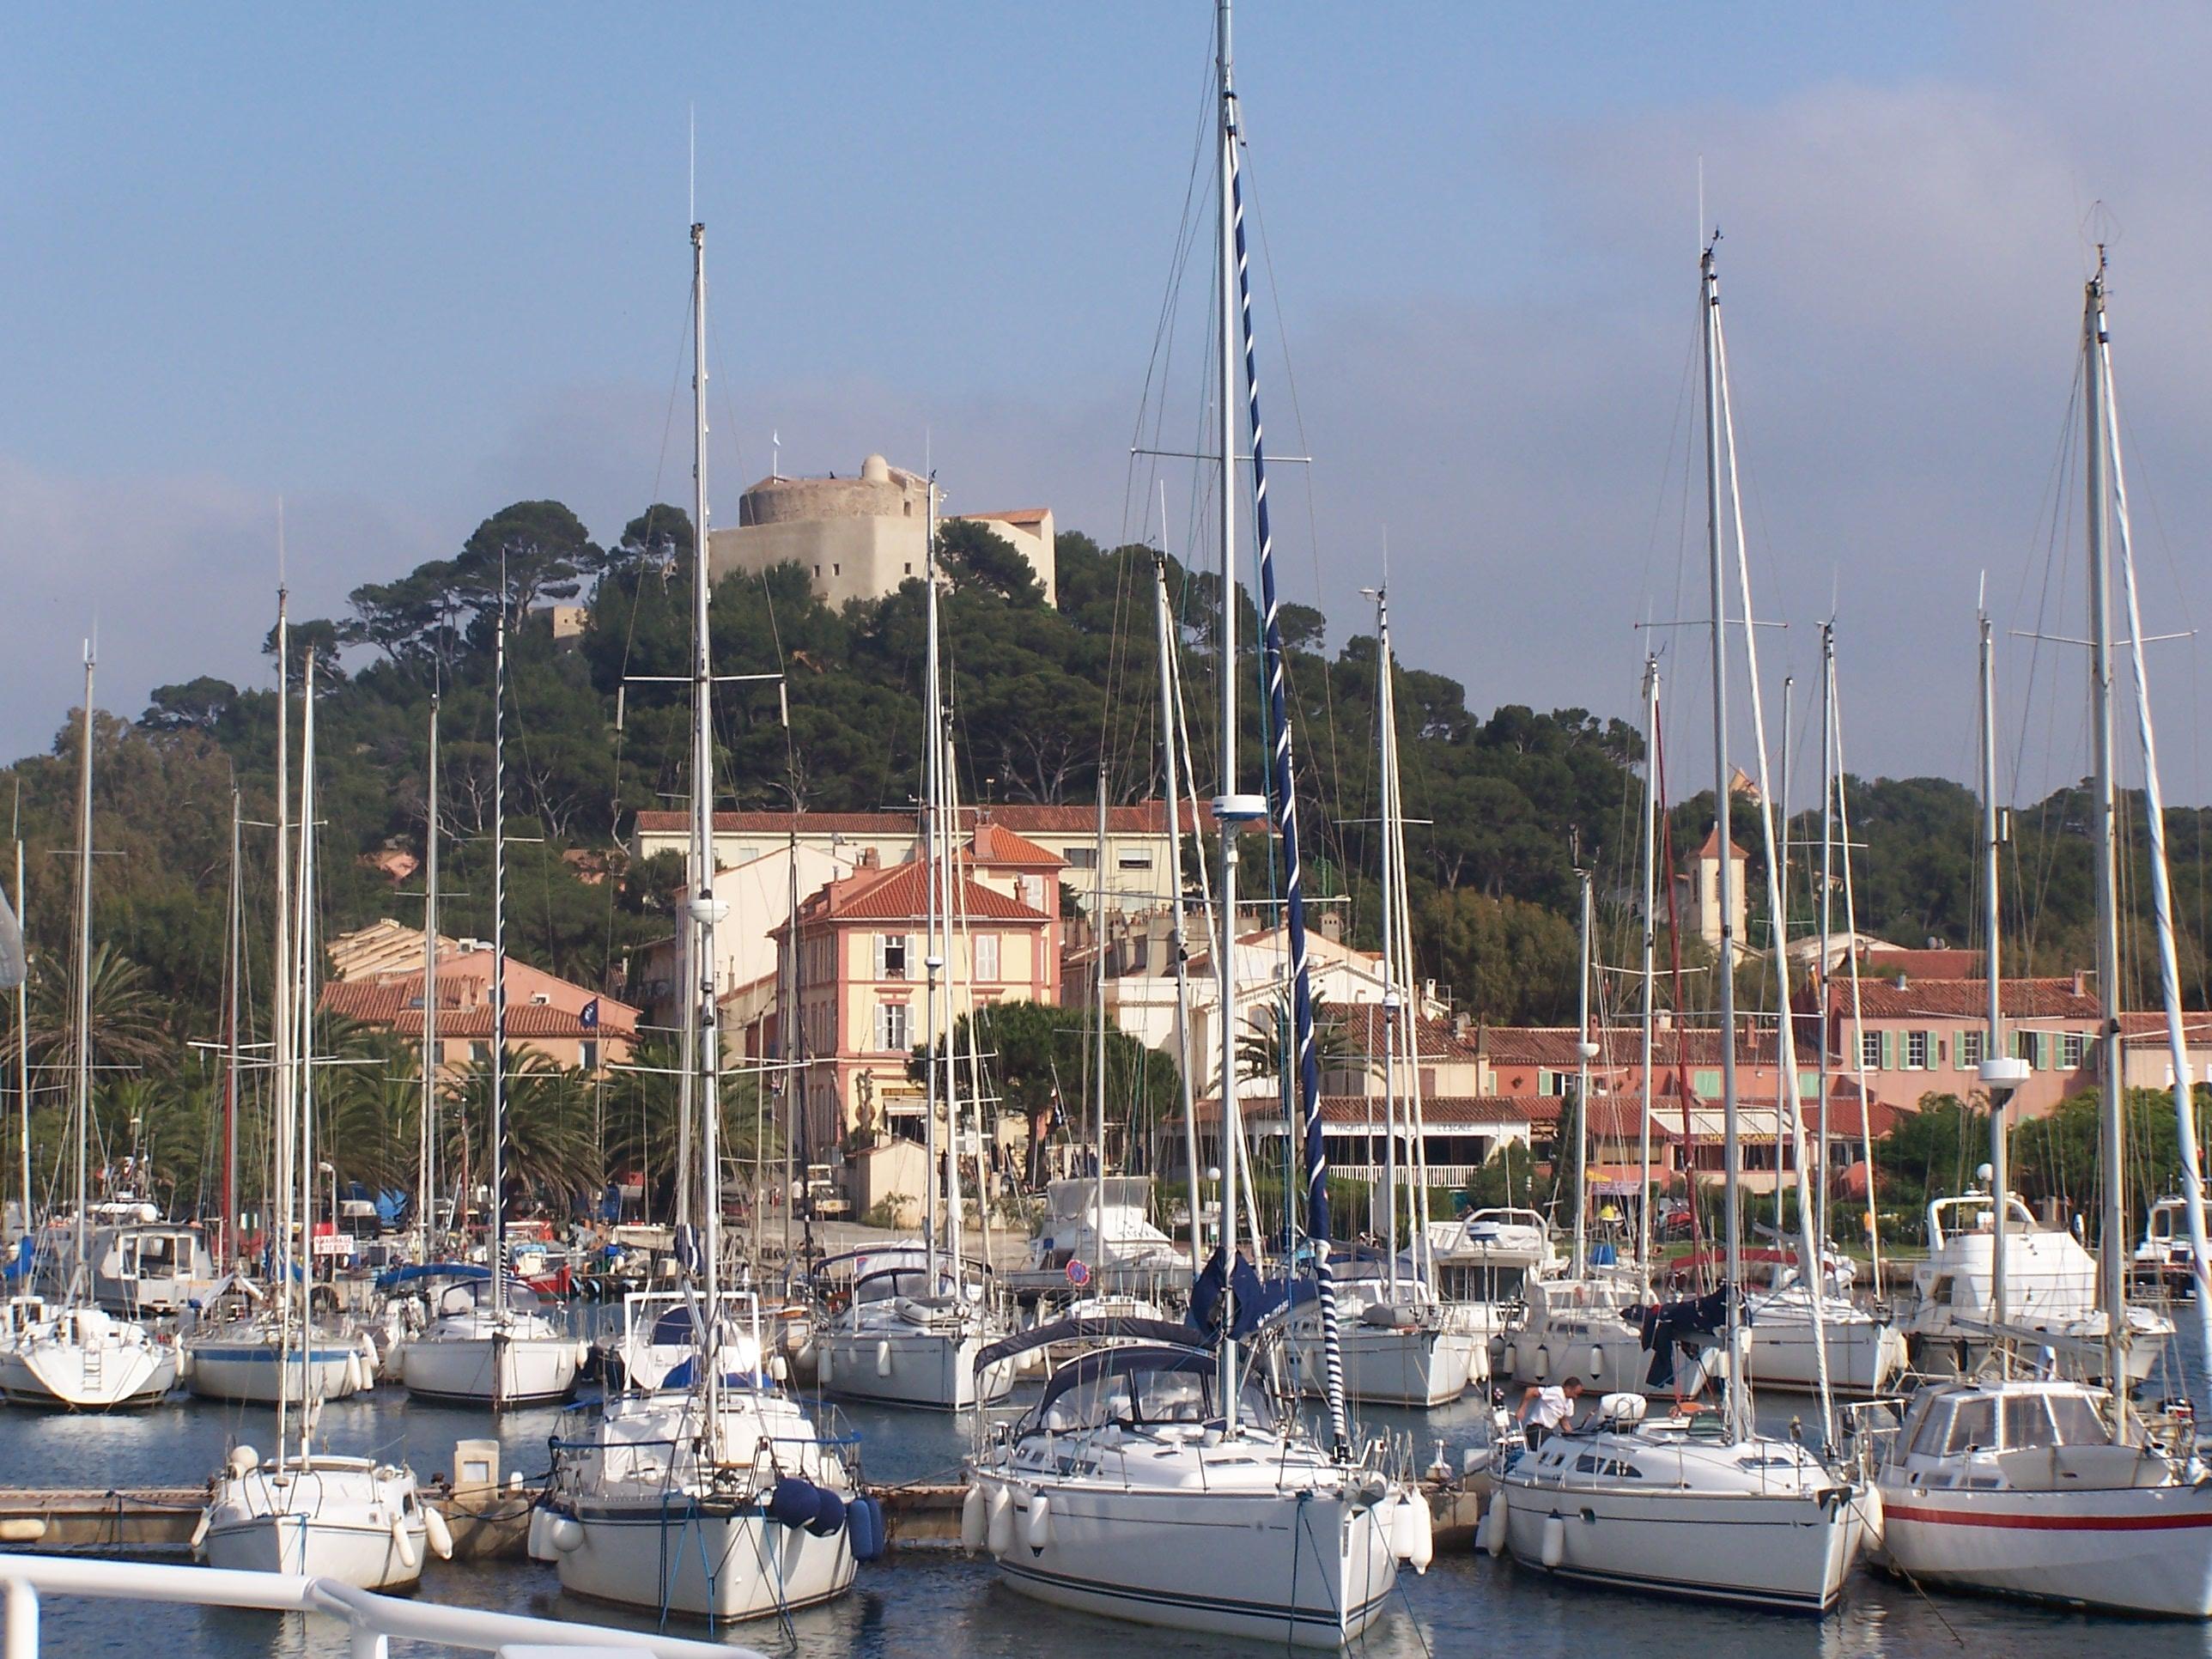 Port de Porquerolles avant d'arriver à La Bécane